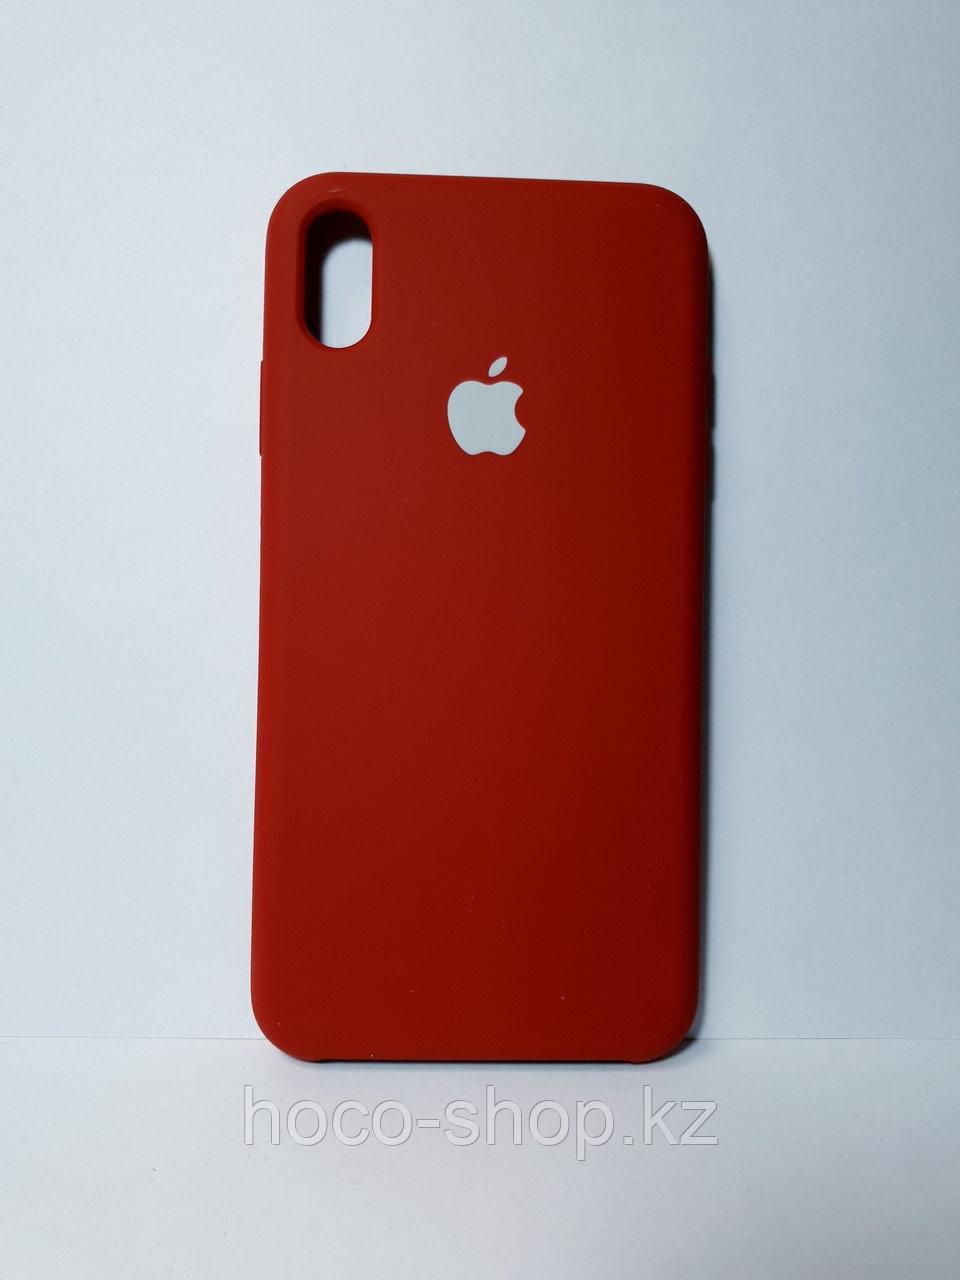 Защитный чехол для iPhone Xs Max Soft Touch силиконовый, темно красный